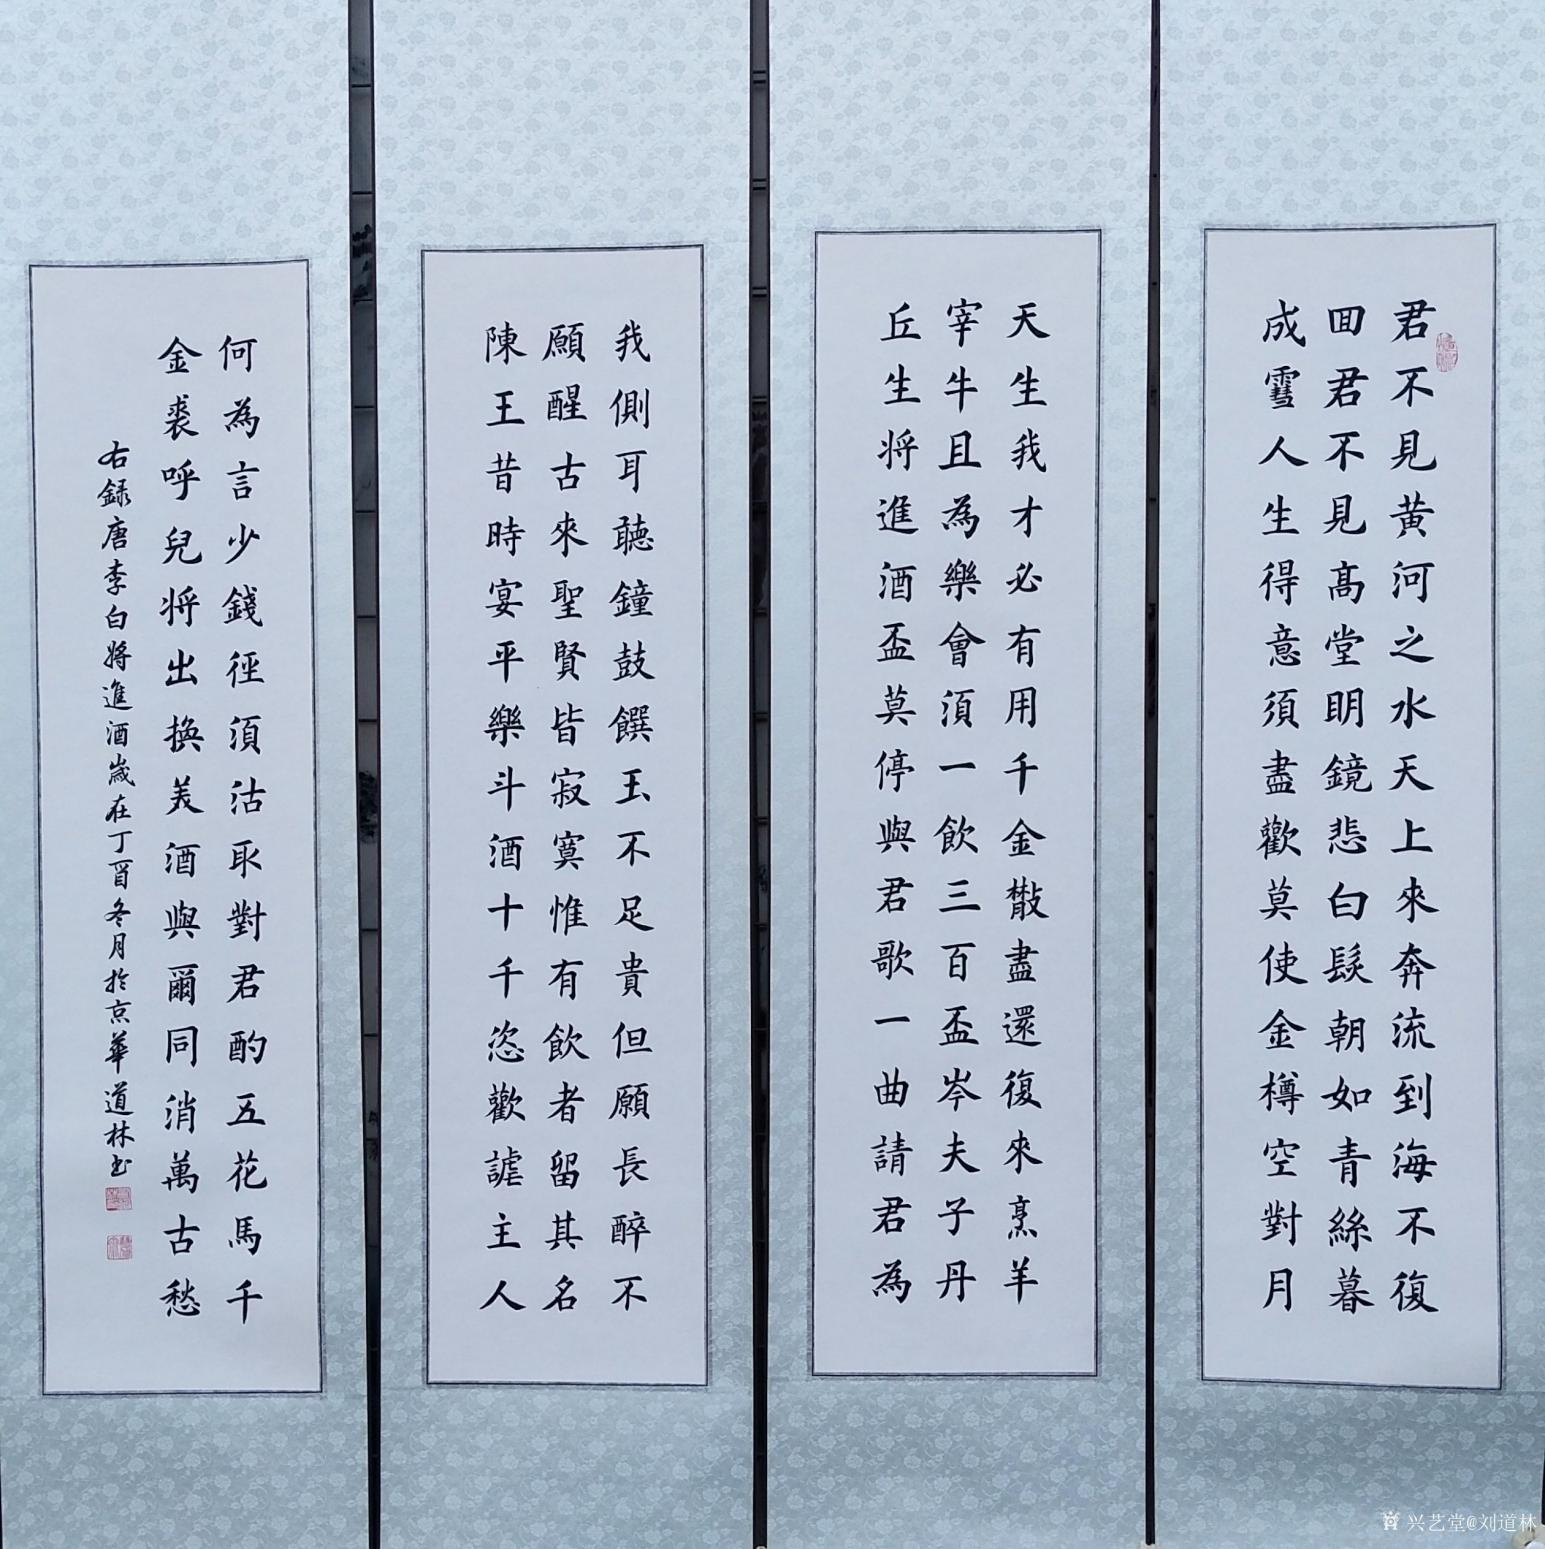 刘道林书法作品《李白将进酒四条屛》